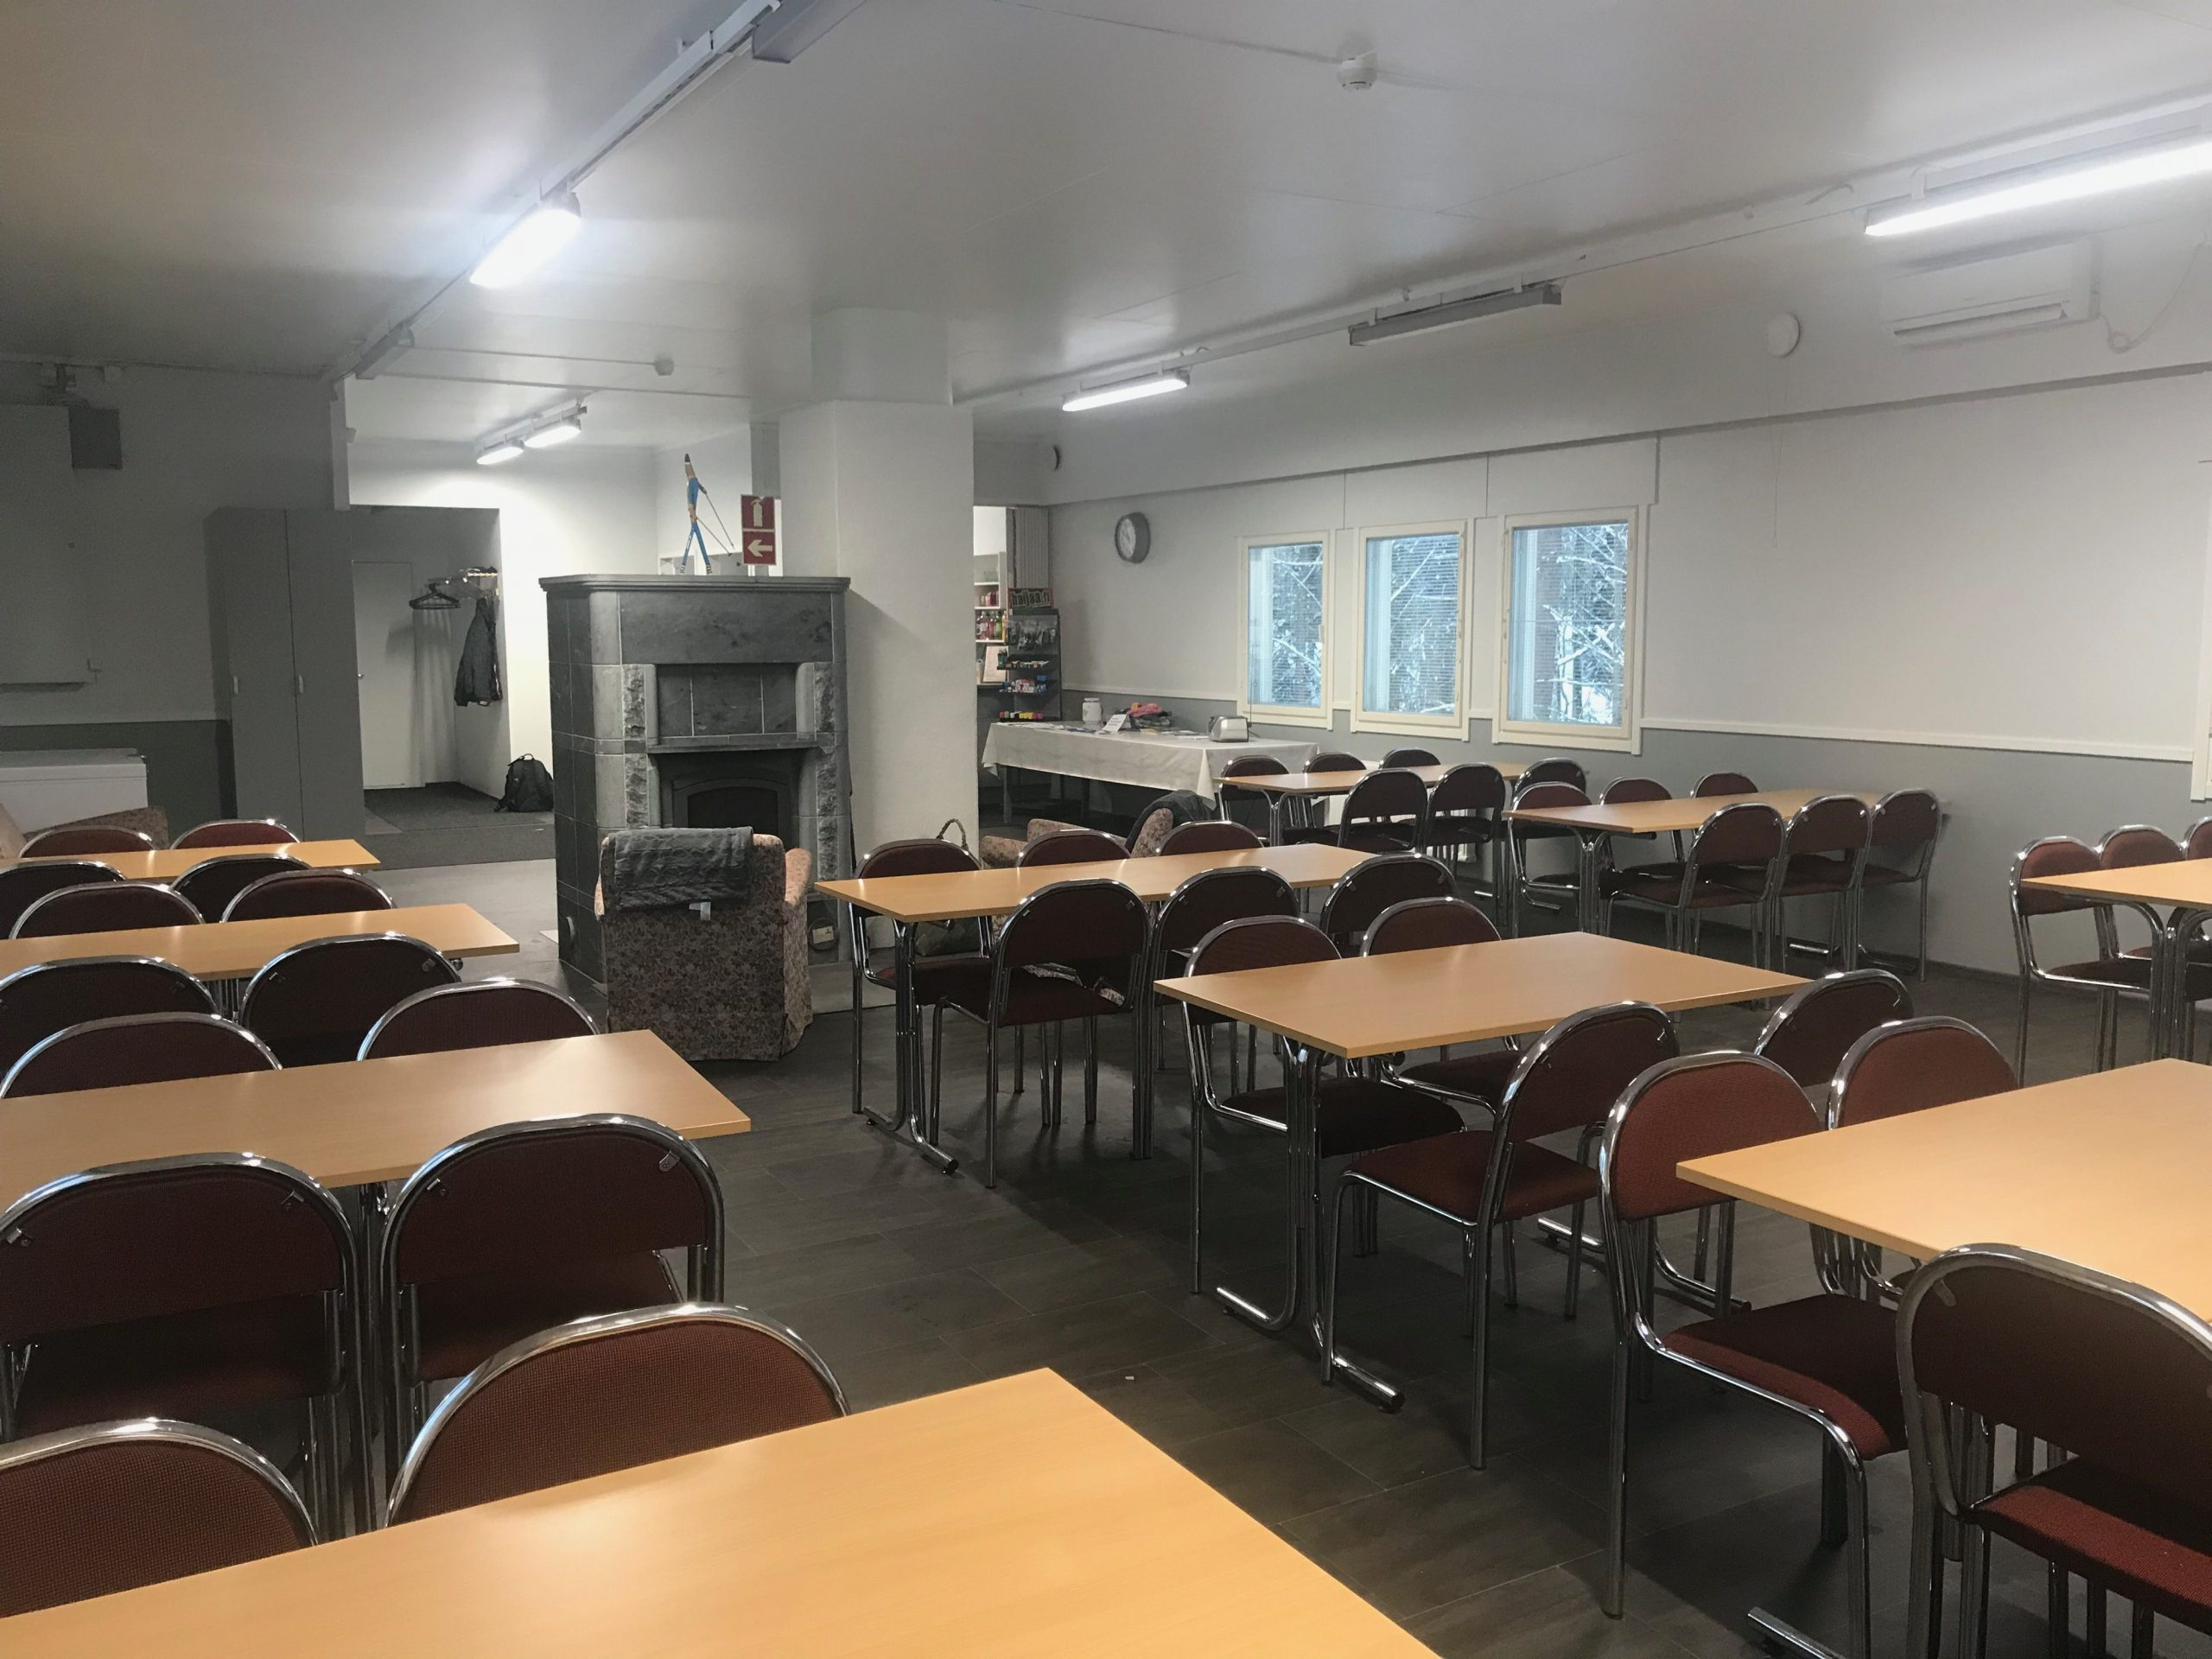 Koukkujärven majan kokoustilassa on useita pöytiä ja tuoleja sekä vuolukivitakka keskellä tilaa.